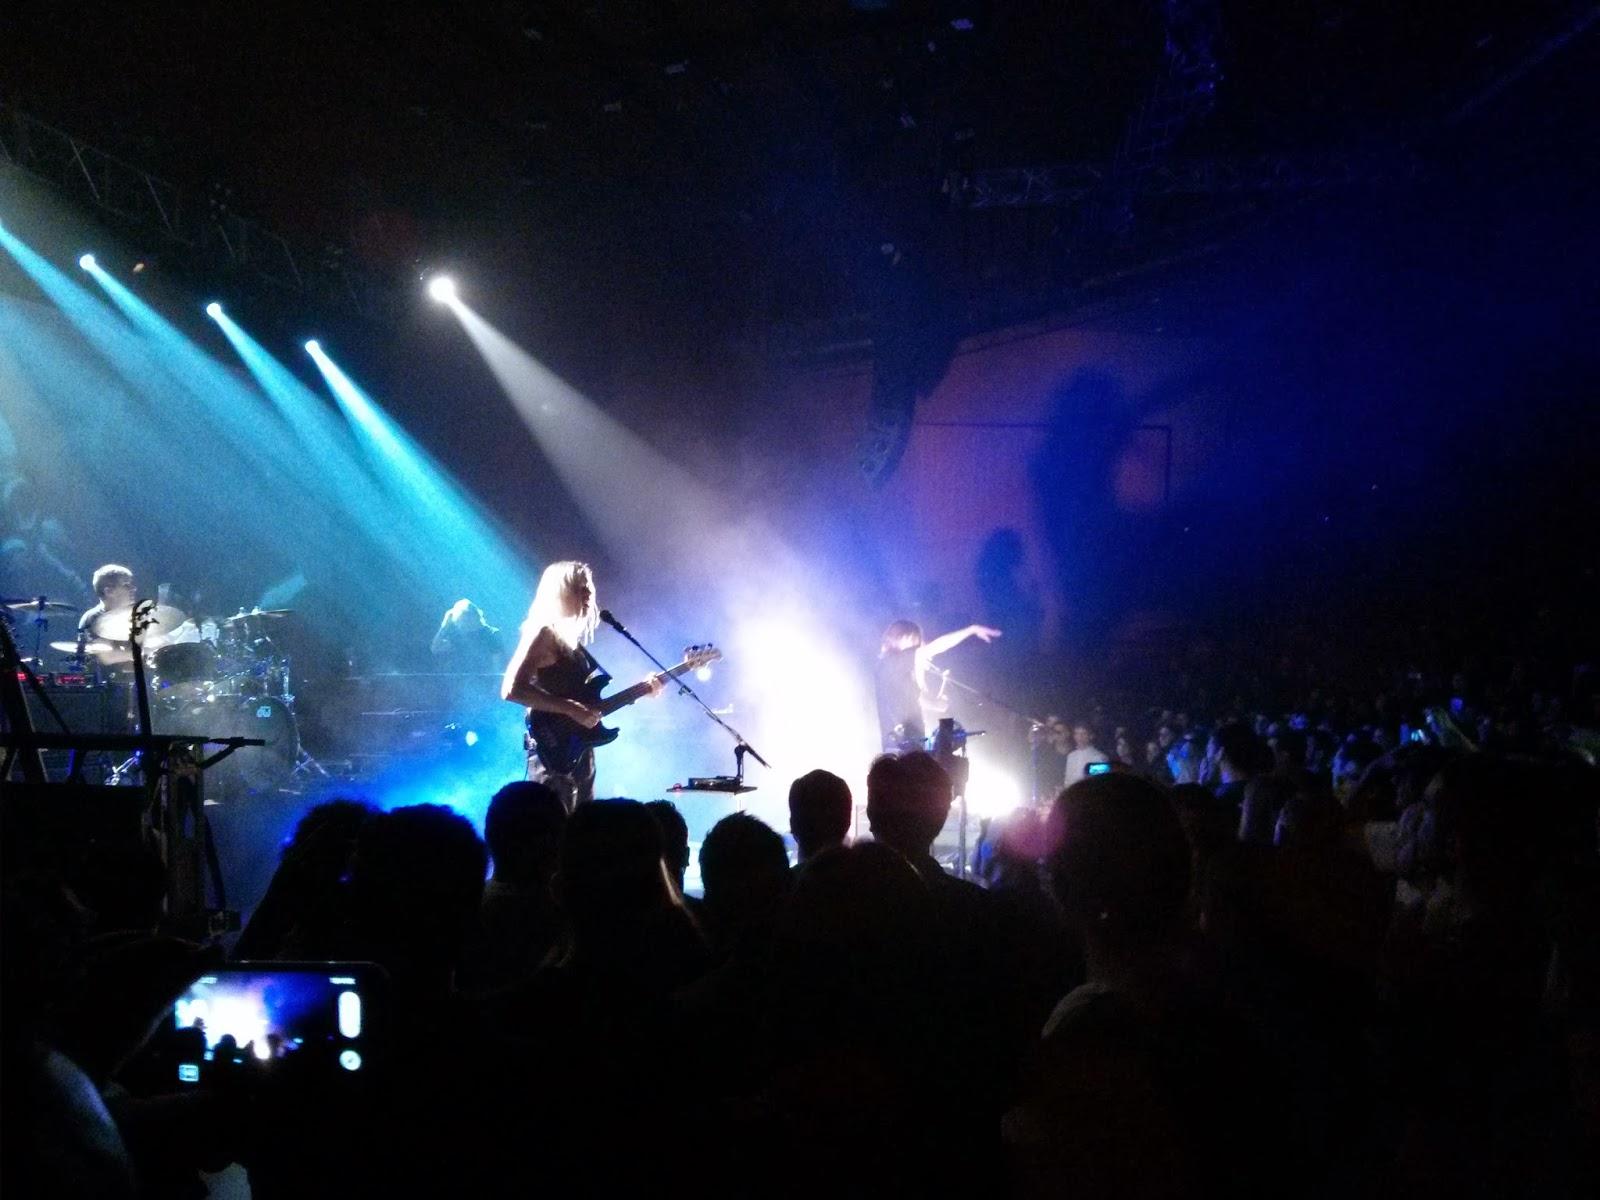 Steven Wilson y su banda vistos a los pies del escenario (1)